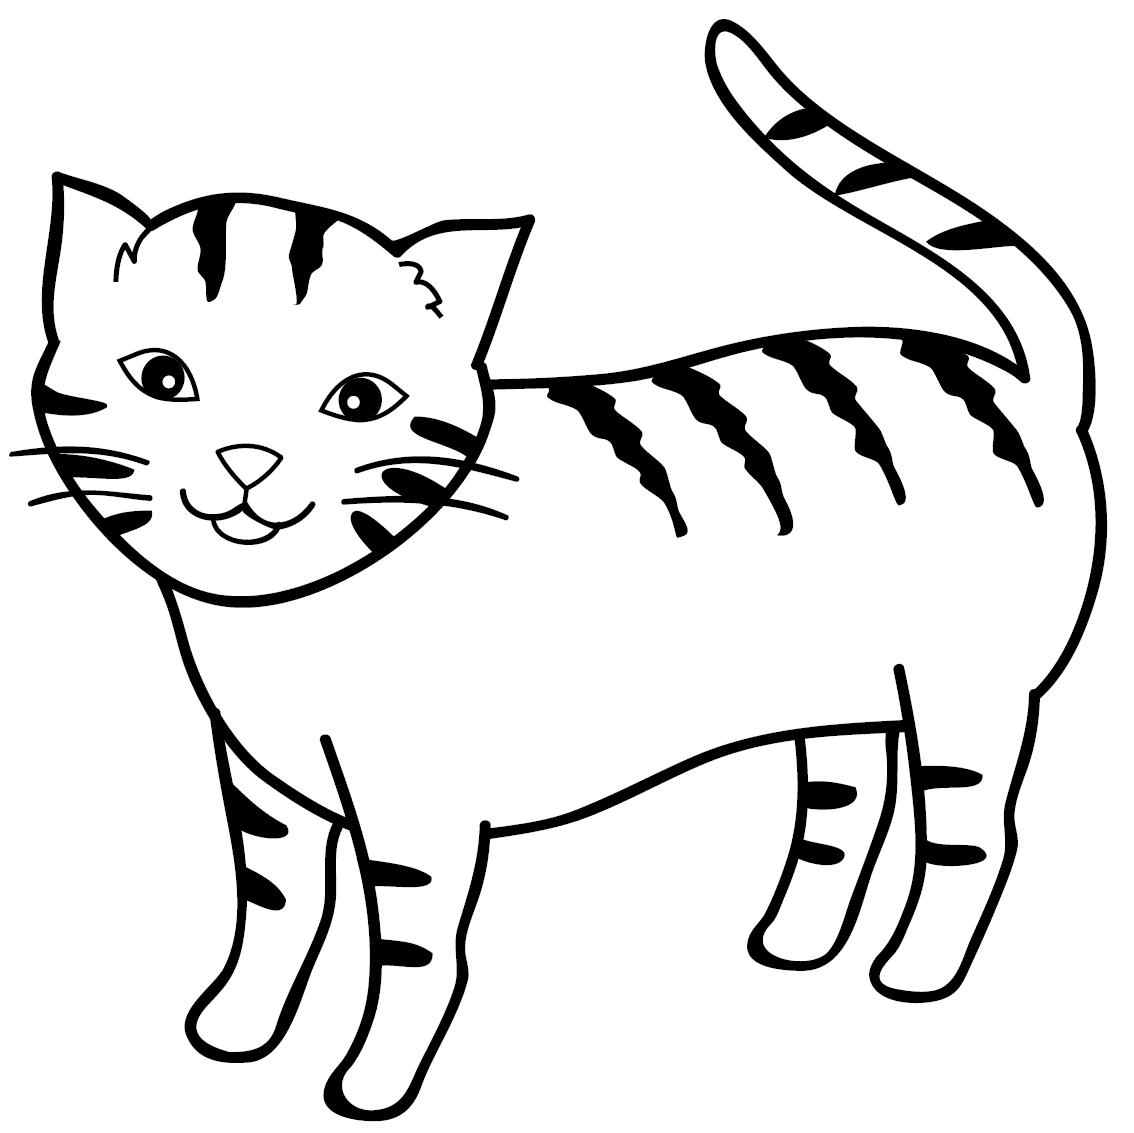 Gambar Mewarnai Gambar Kucing Untuk Anak